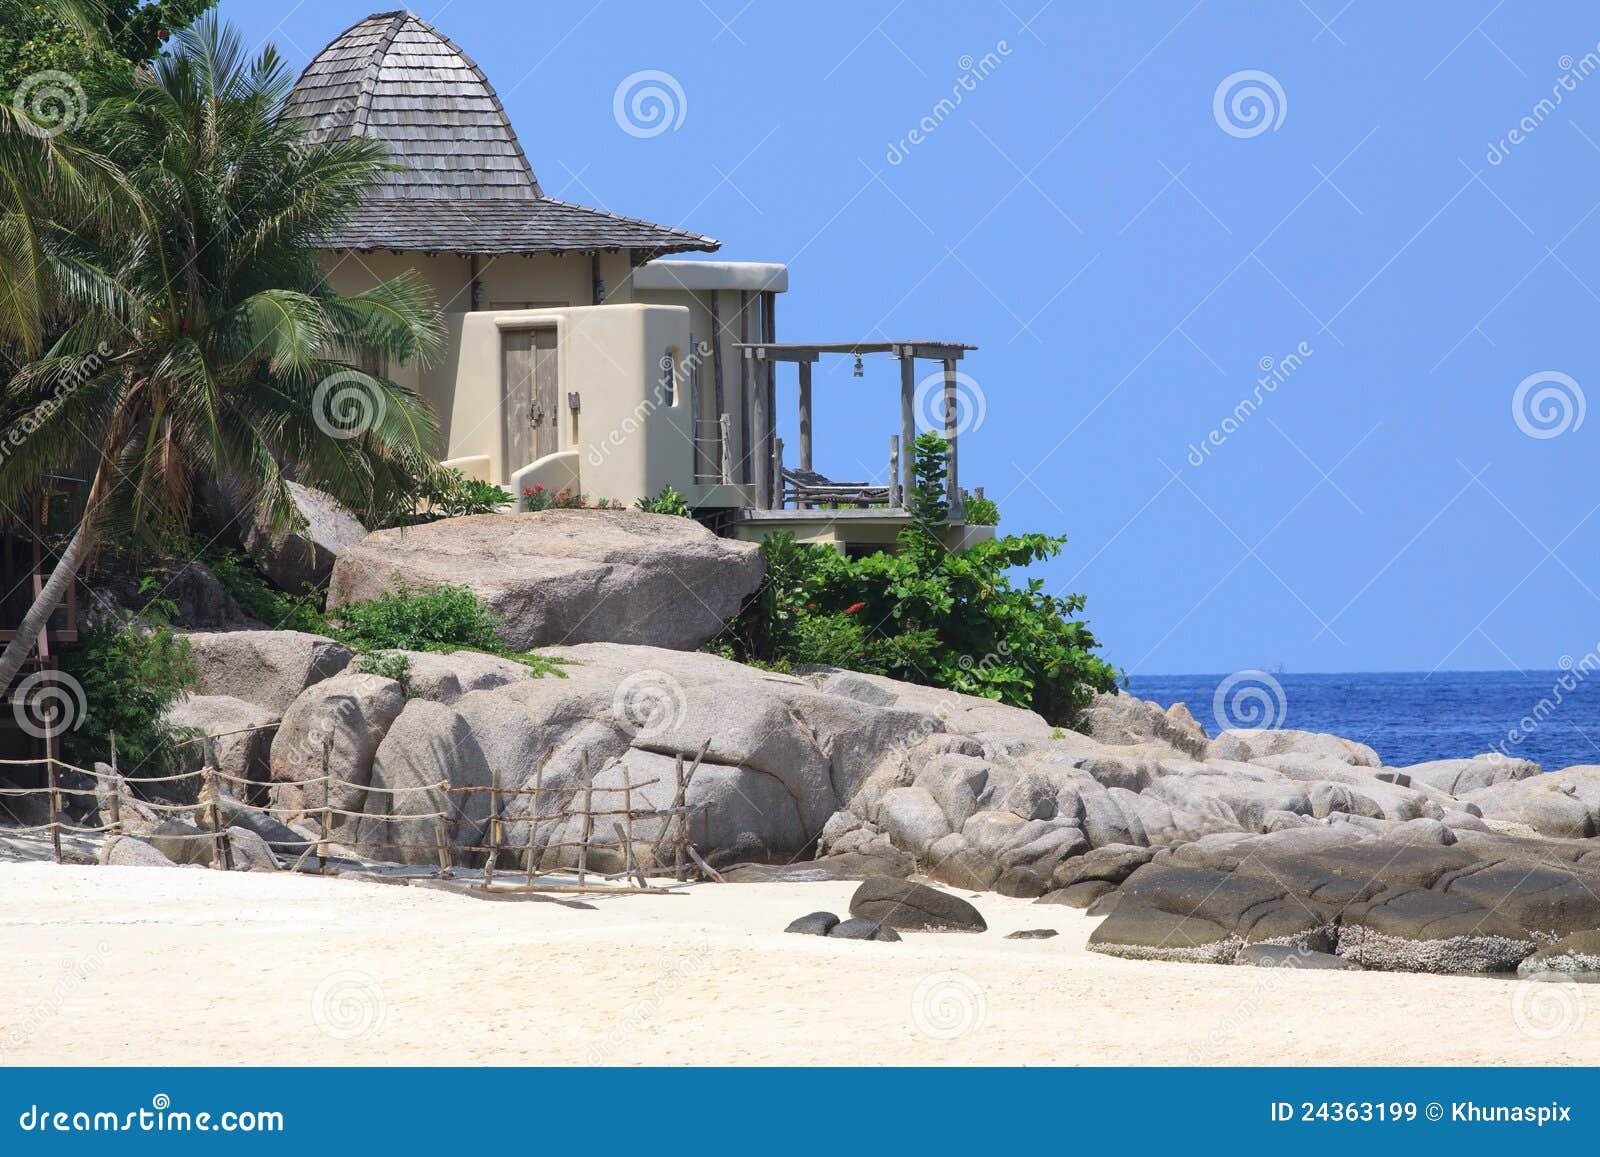 Eenzaam huis aan rots op zee kant royalty vrije stock afbeeldingen beeld 24363199 - Modern huis aan zee ...